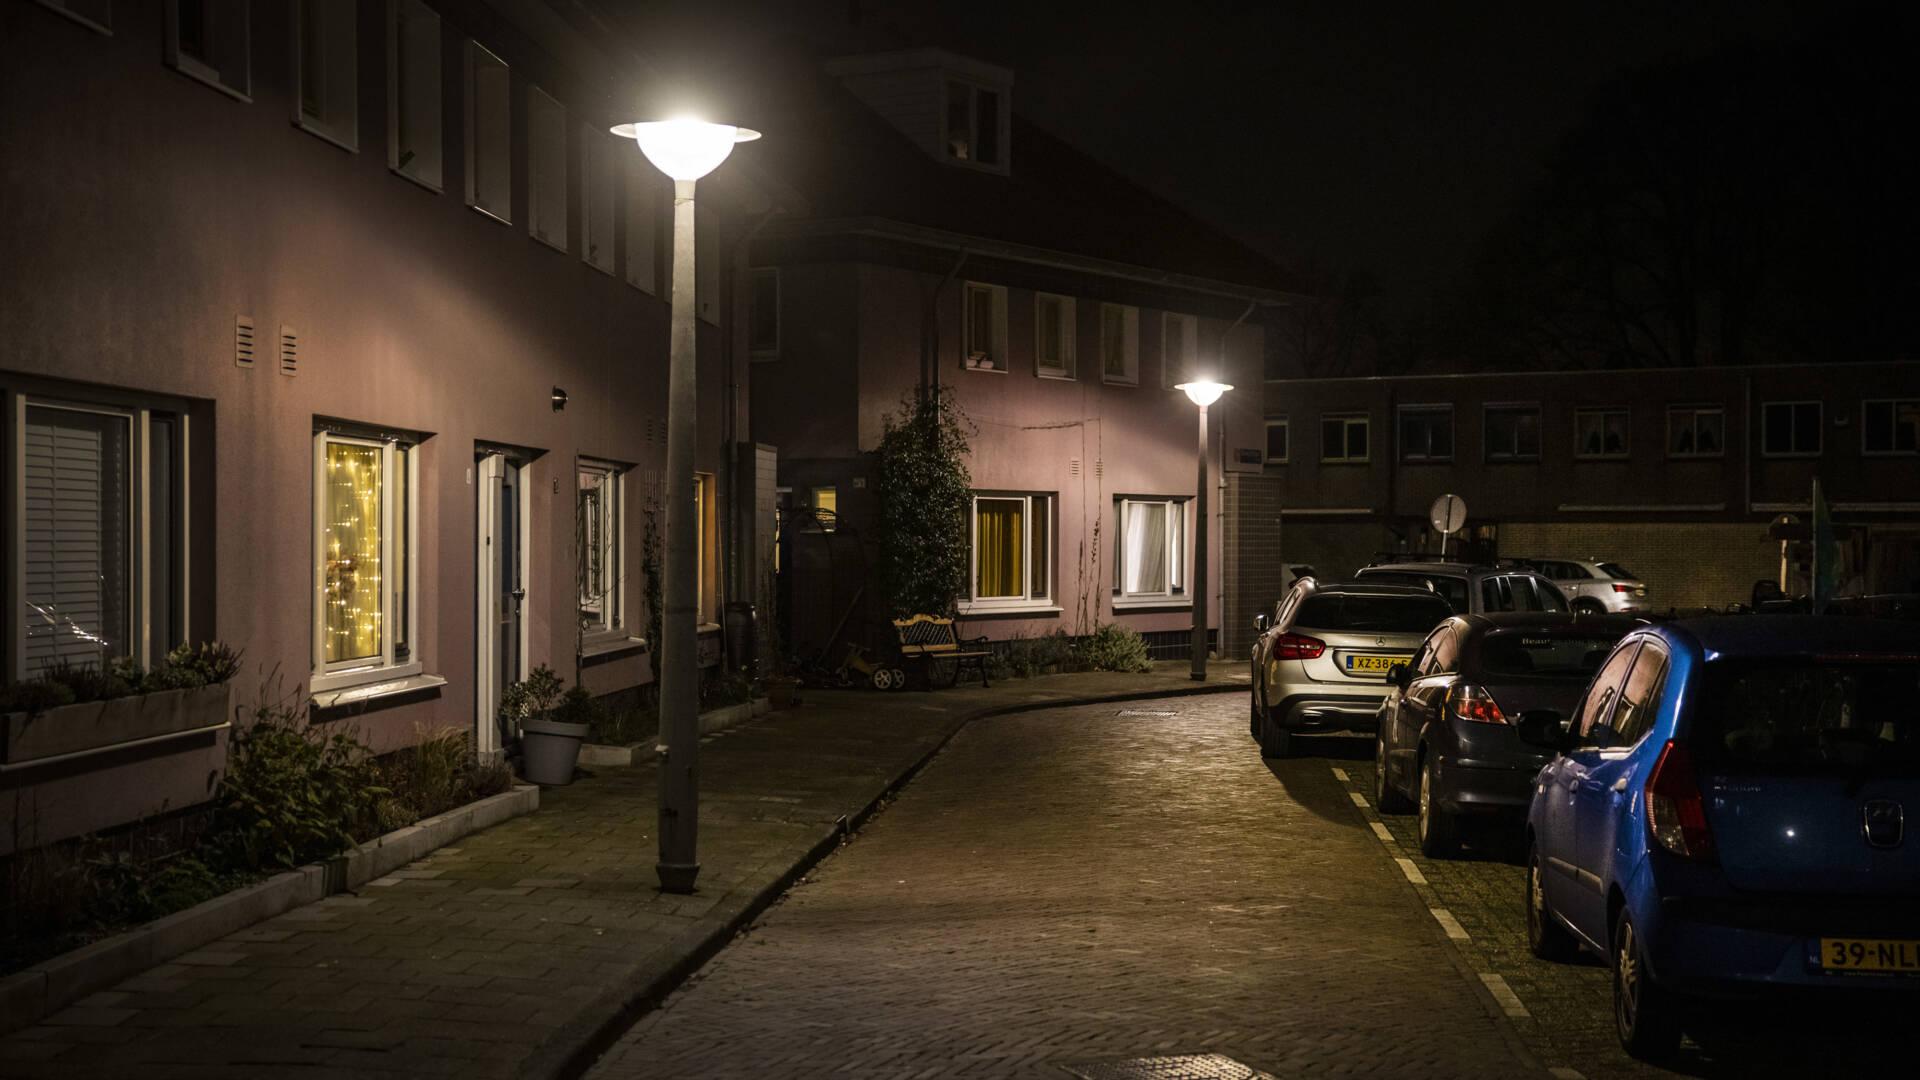 رسمياً حظر التجول في هولندا يبدأ من يوم السبت، ولكن هناك بعض التعديلات عما كان مخطط له